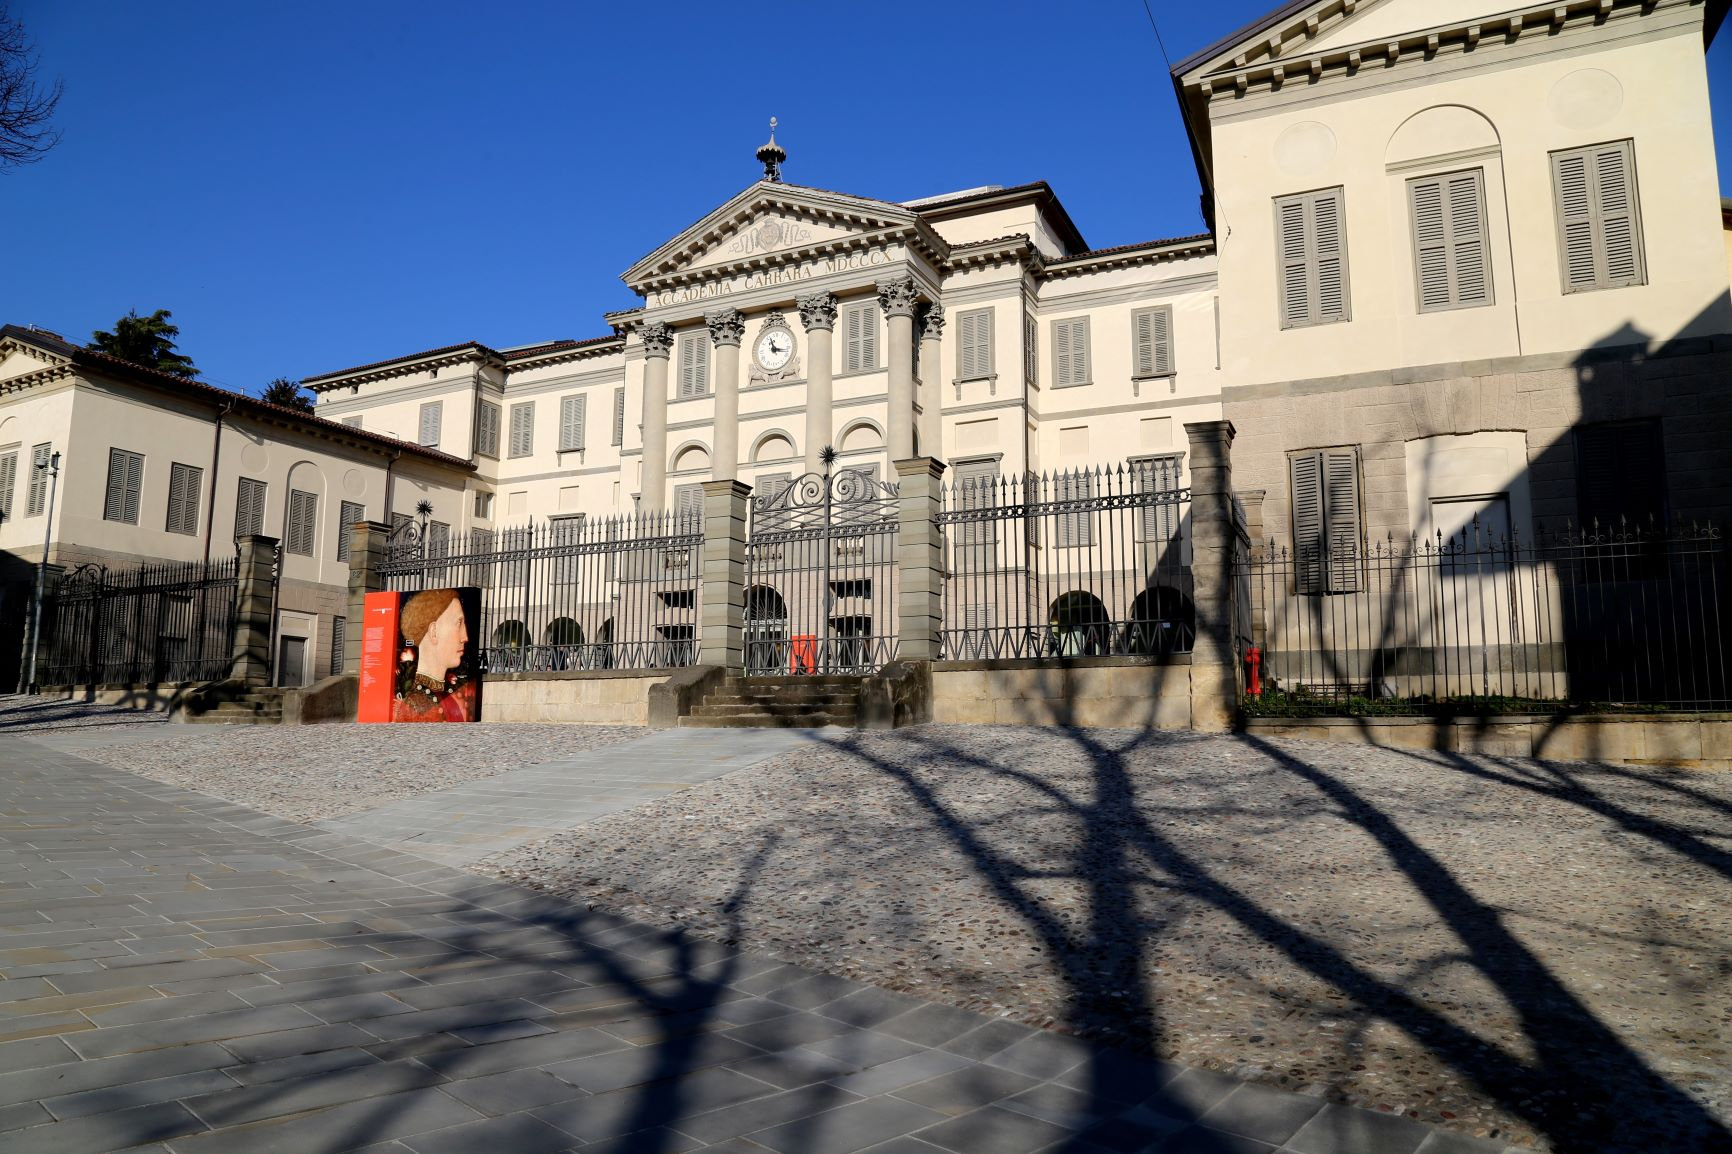 La nuova normalità dei musei. Intervista a Maria Cristina Rodeschini, Accademia Carrara